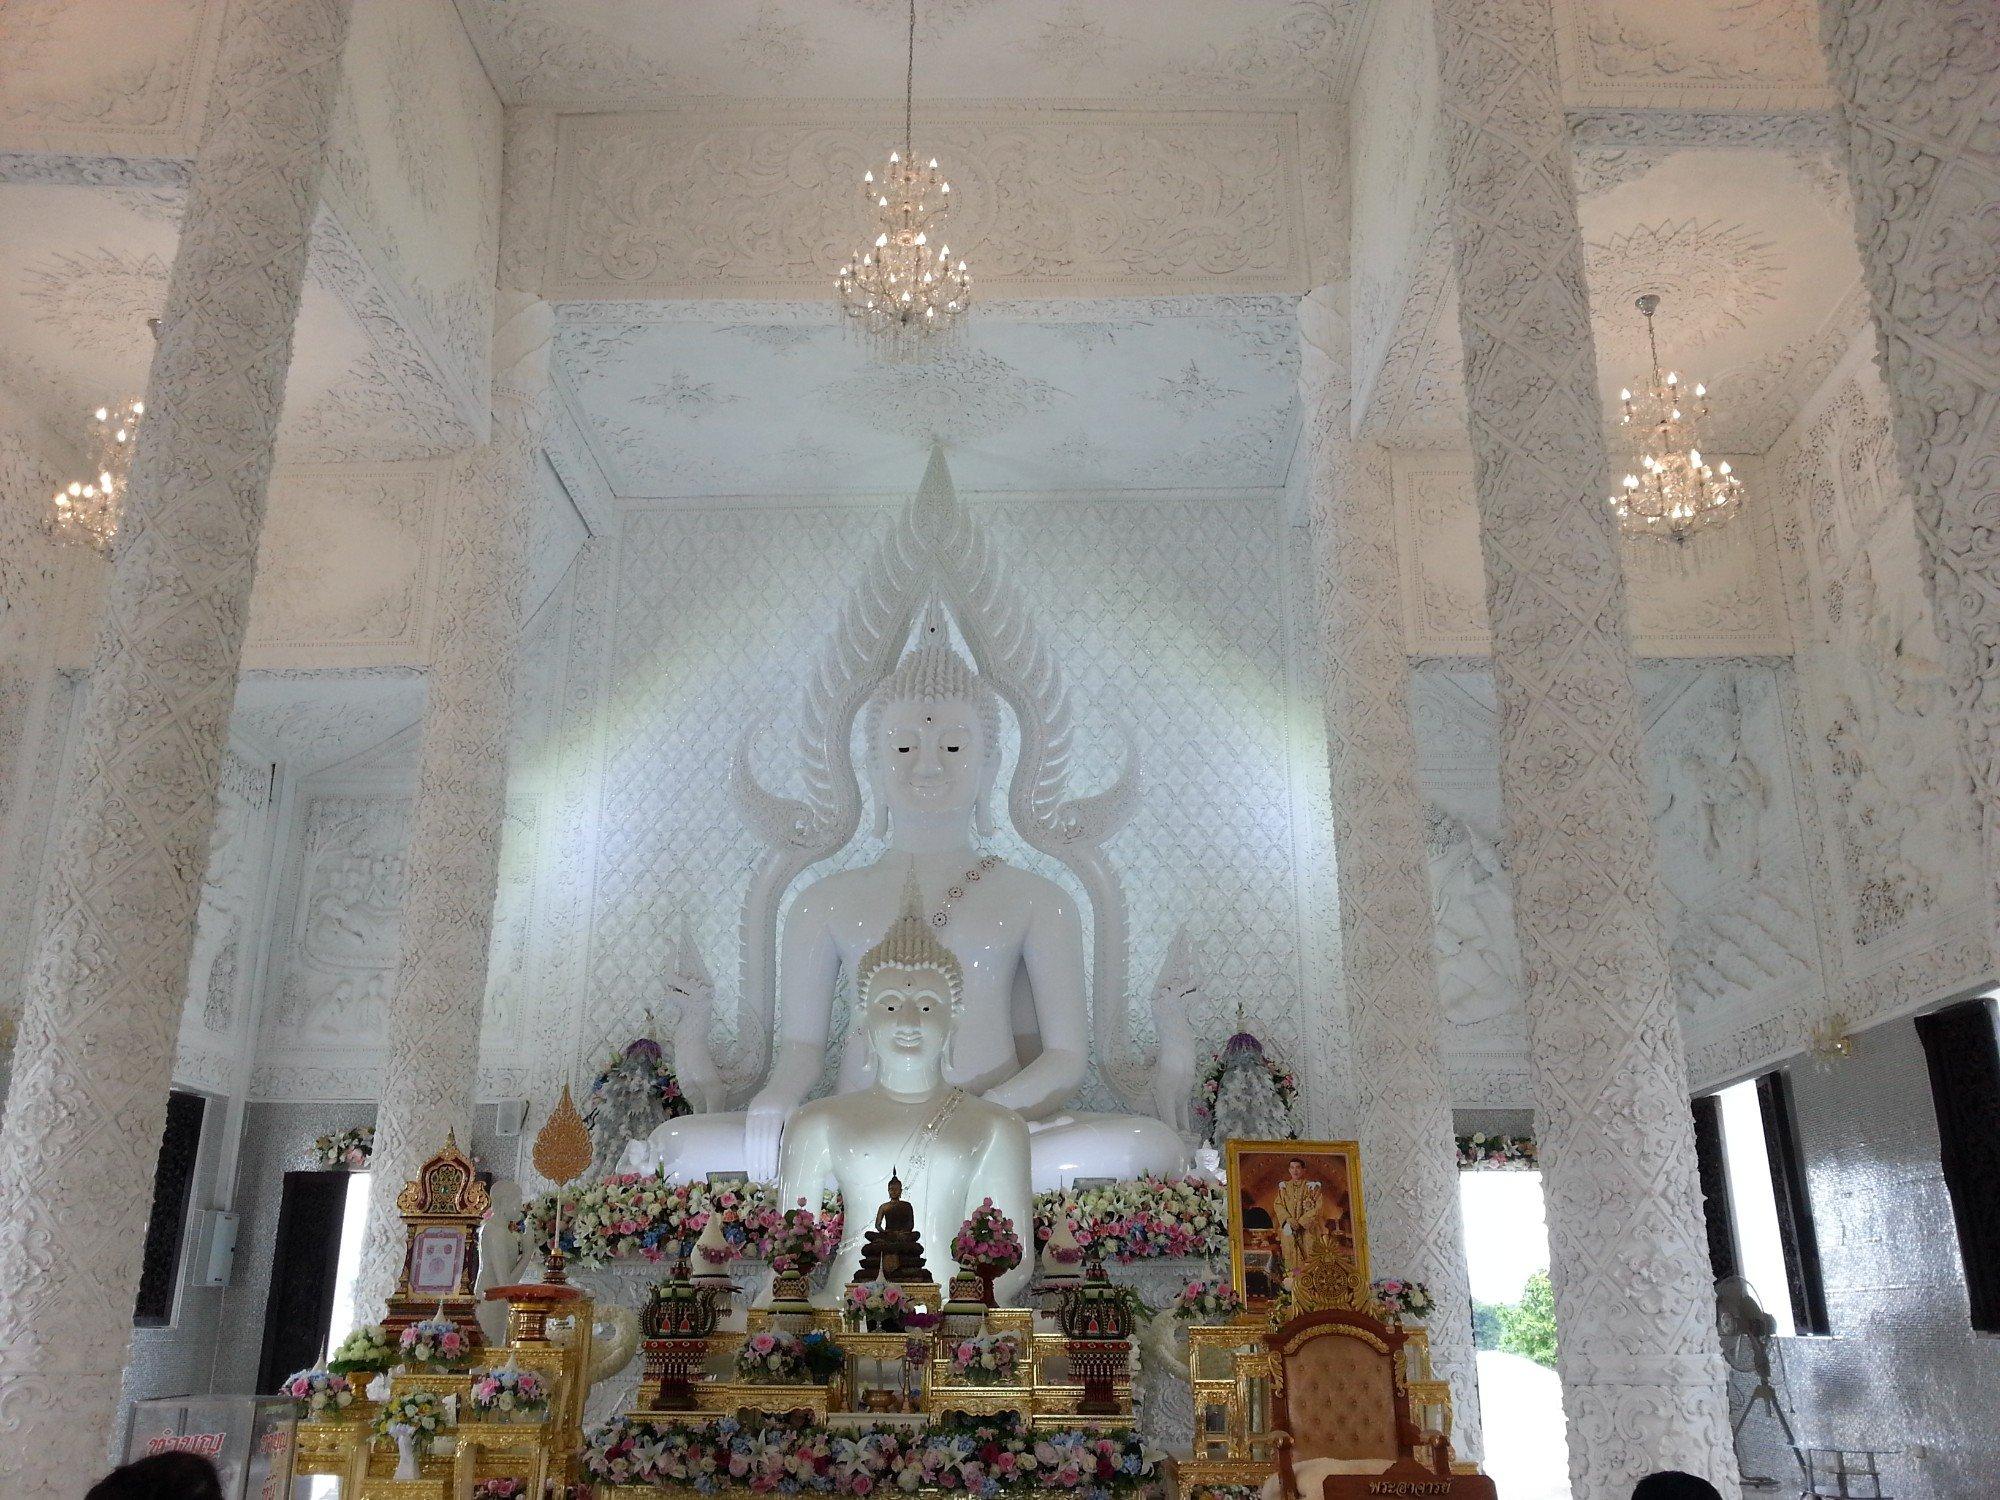 Inside the prayer hall at Wat Huay Pla Kang